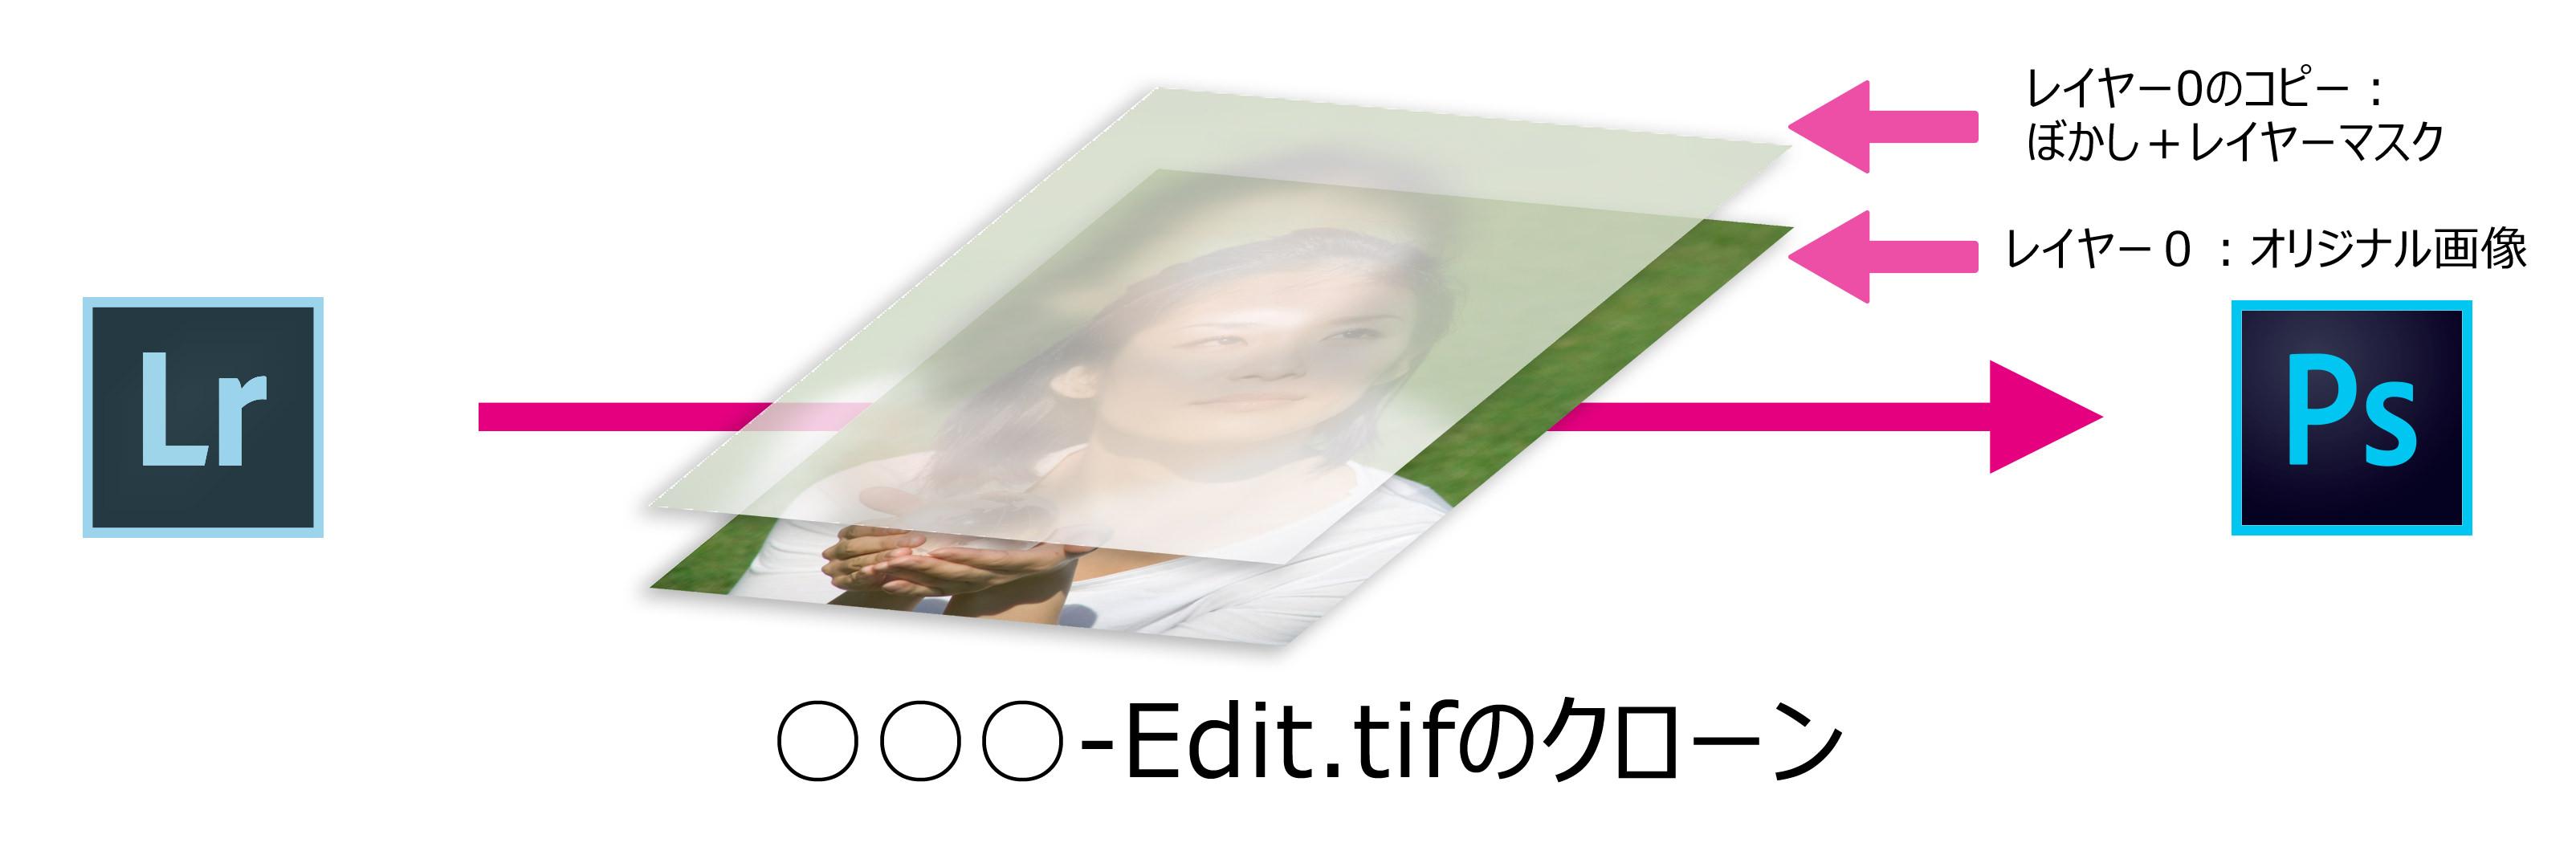 Photoshoで編集-元画像のクローン